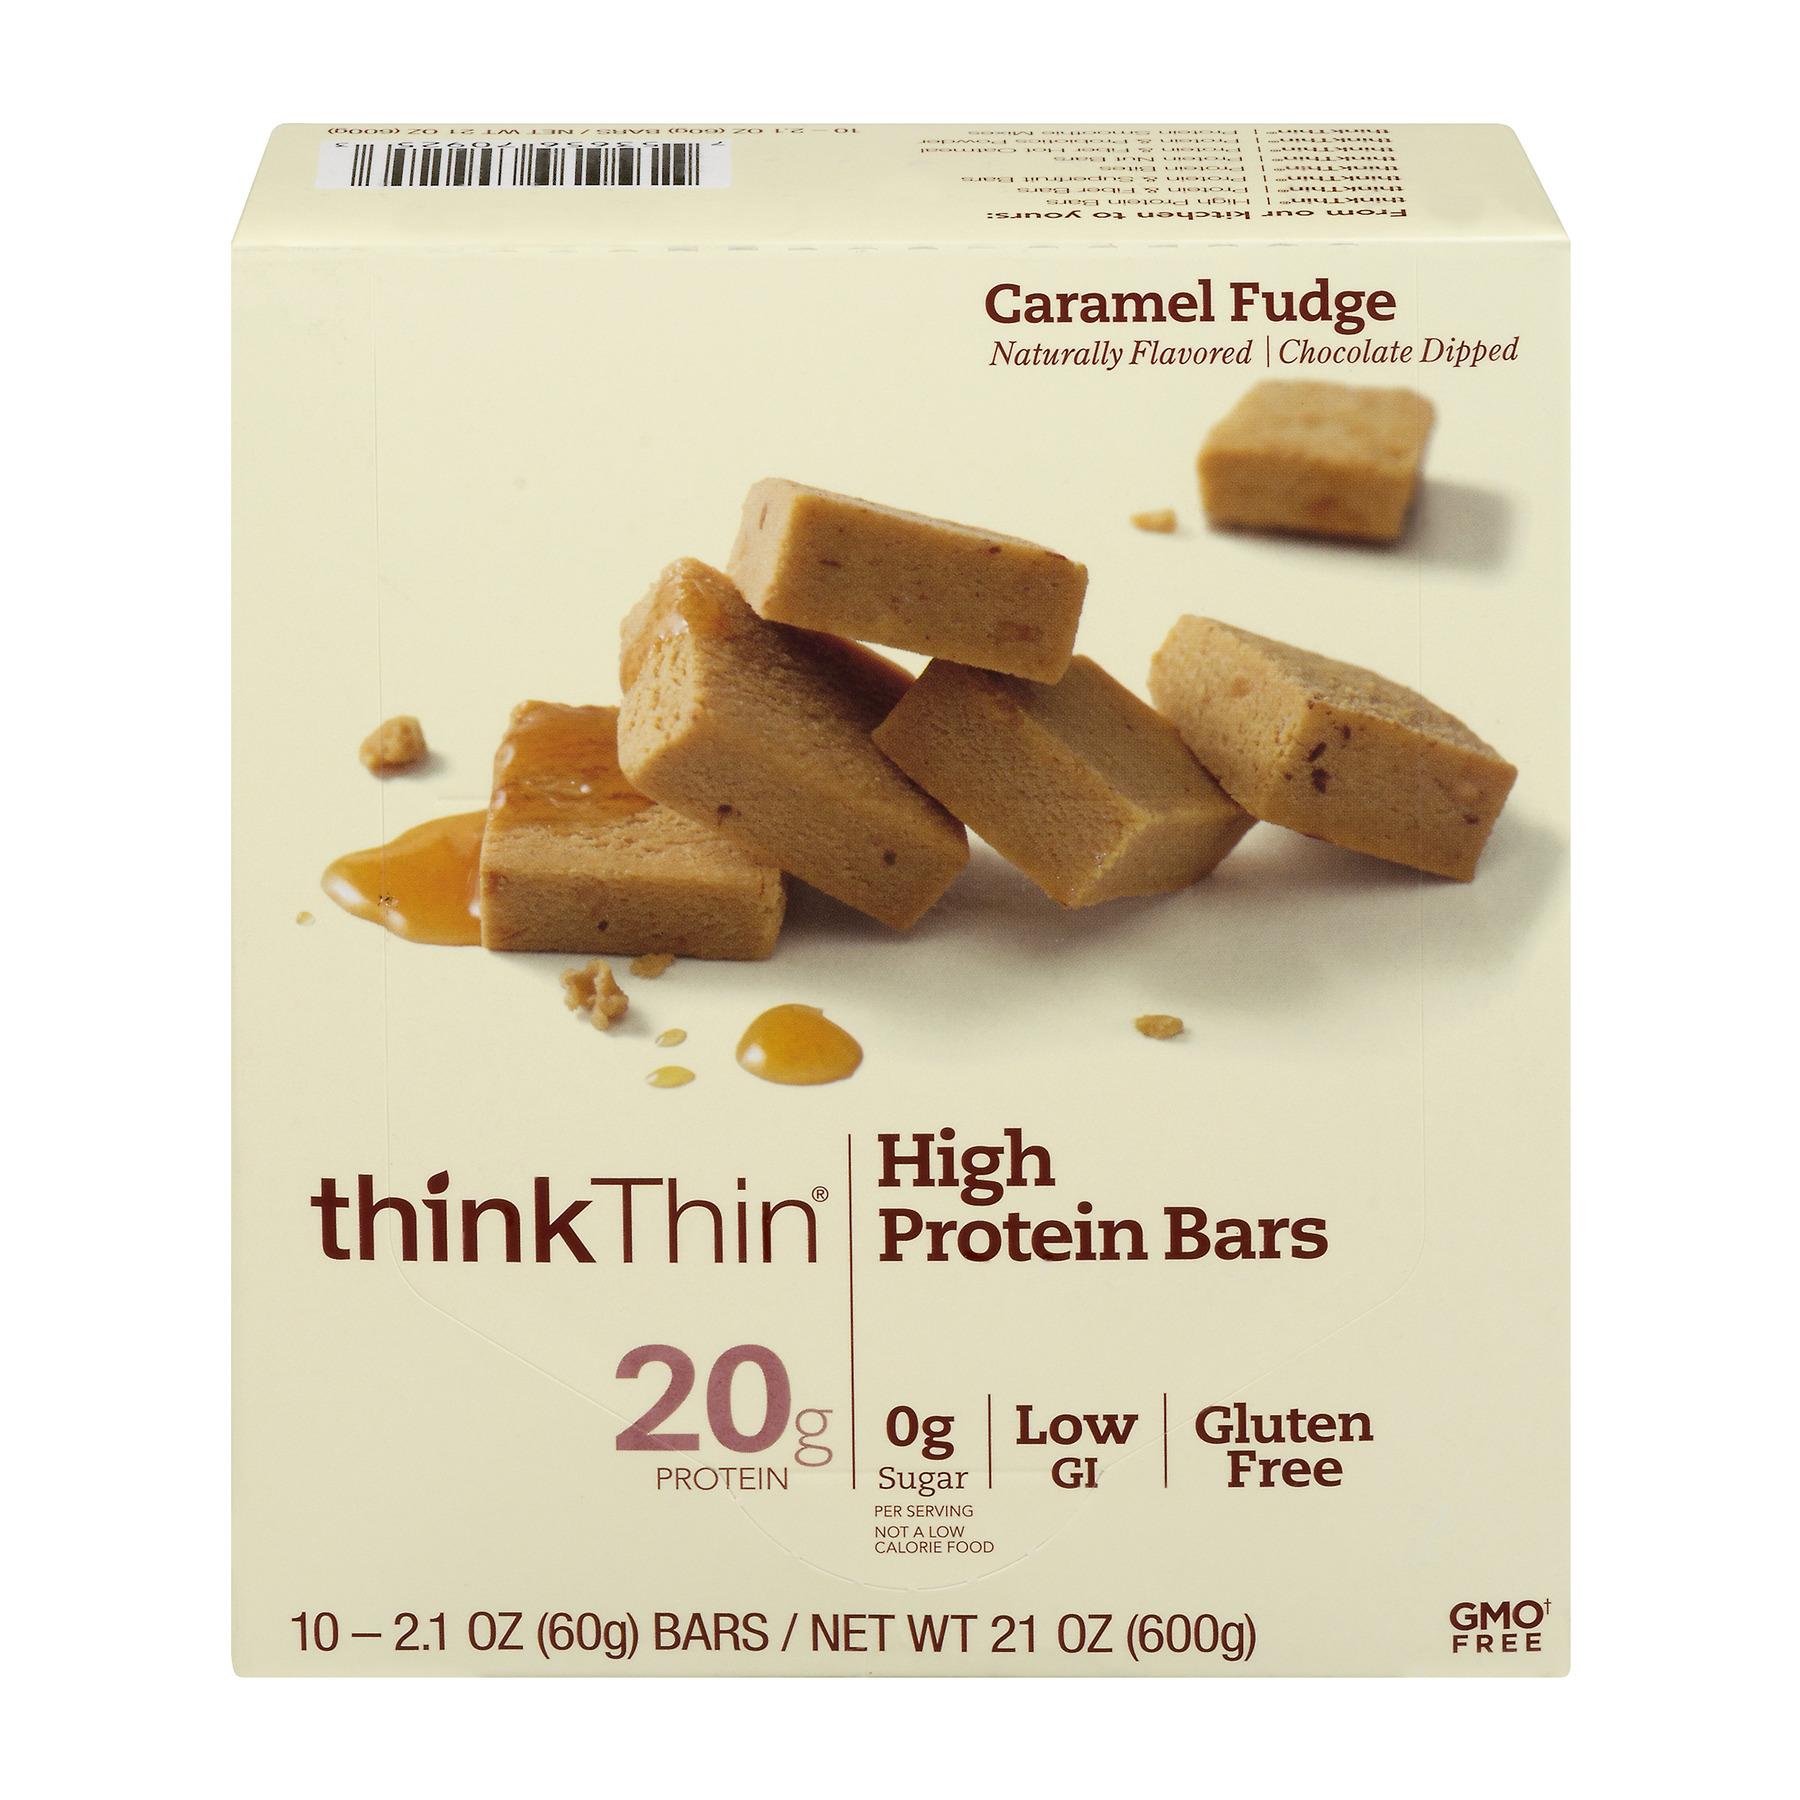 thinkThin High Protein Bar, Caramel Fudge, 20g Protein, 10 Ct